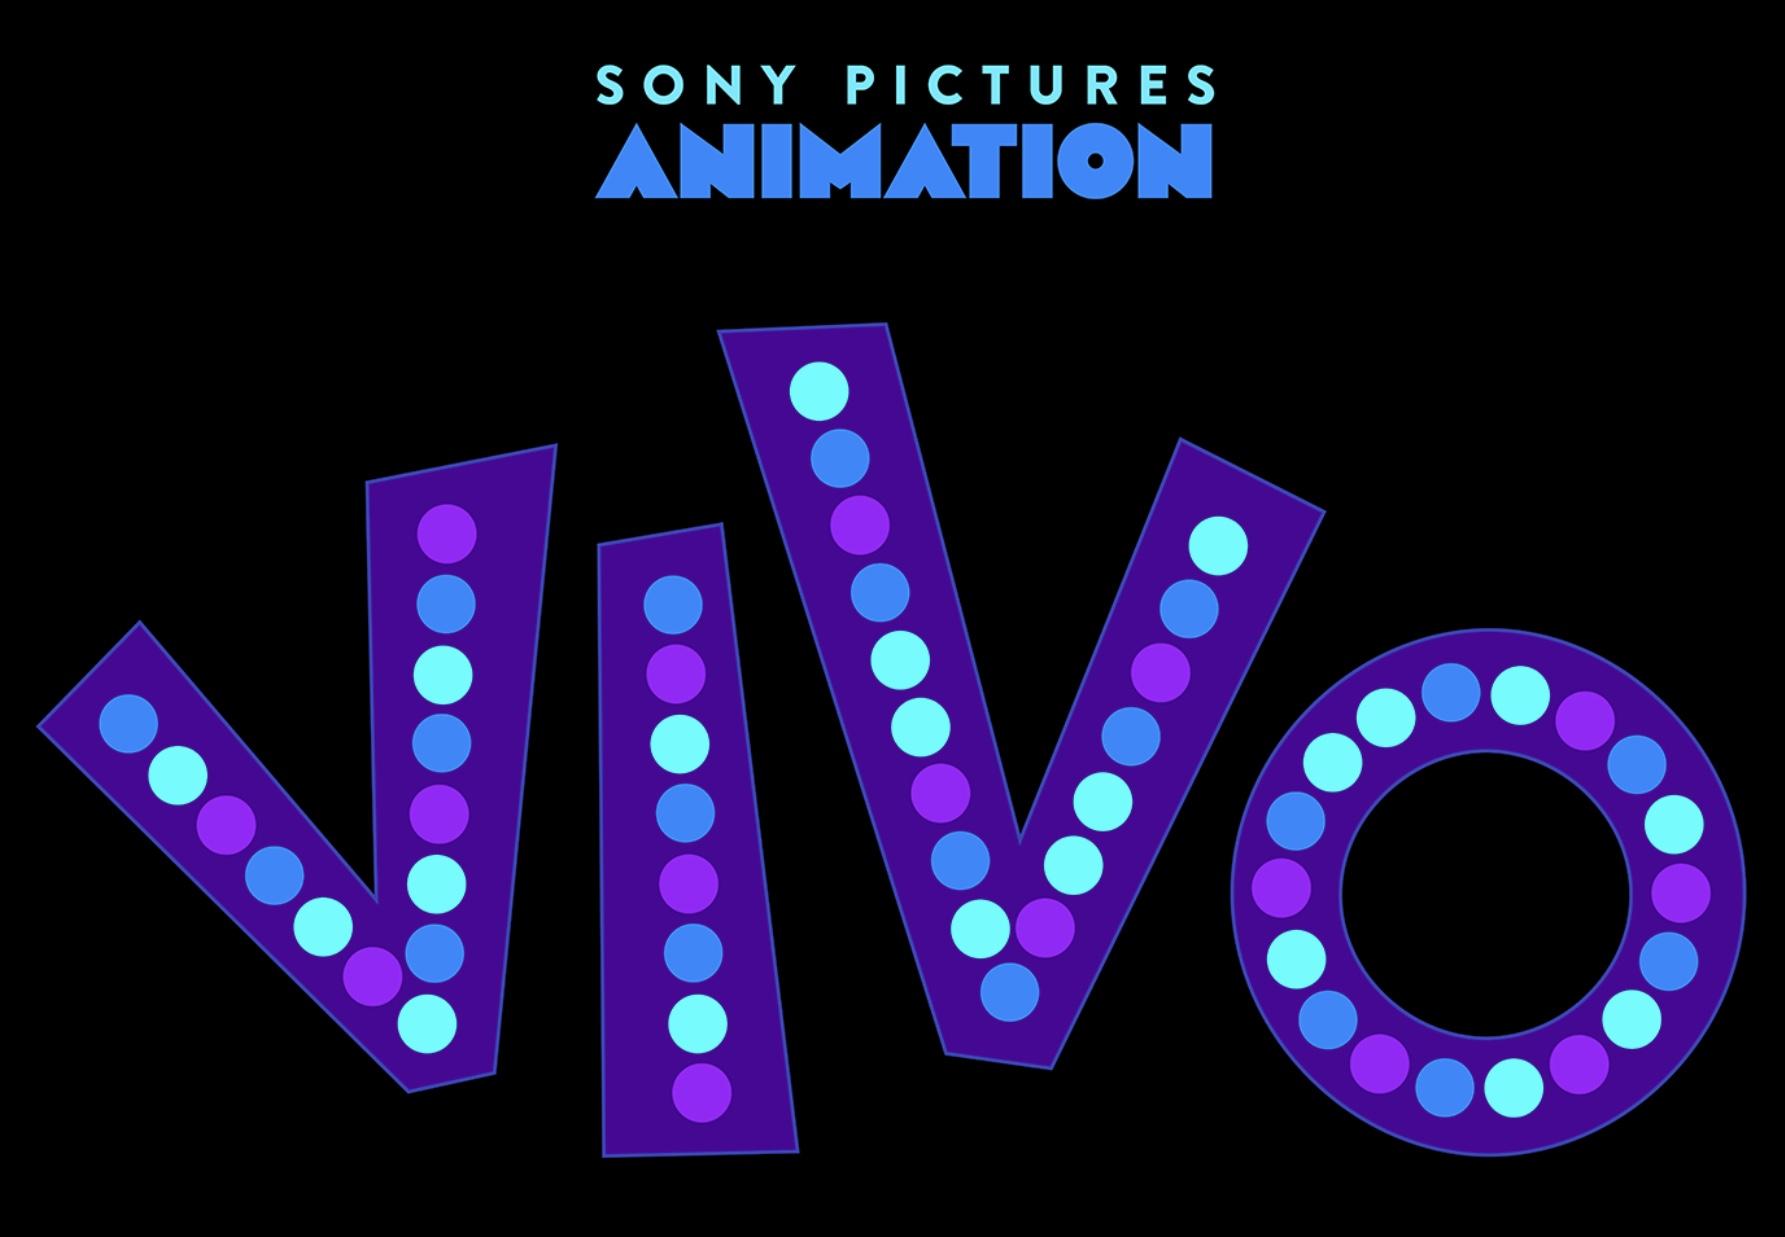 روکیدا | بهترین انیمیشن ها و فیلم های خانوادگی در سال 2021 |